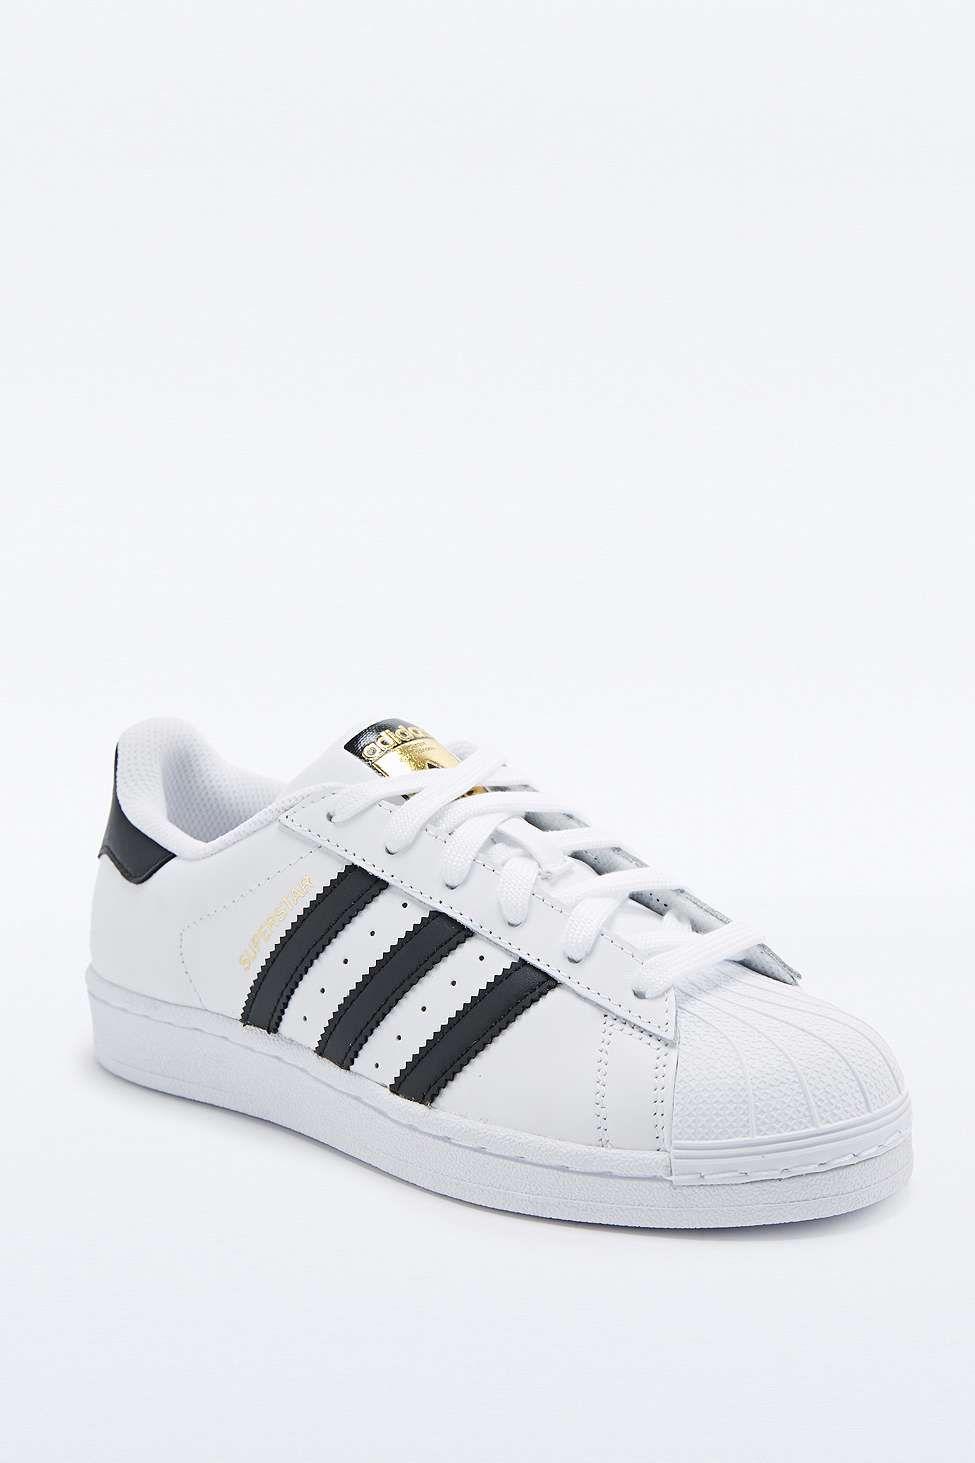 Kaufen Sie populär Damenschuhe Schuhe adidas Superstar